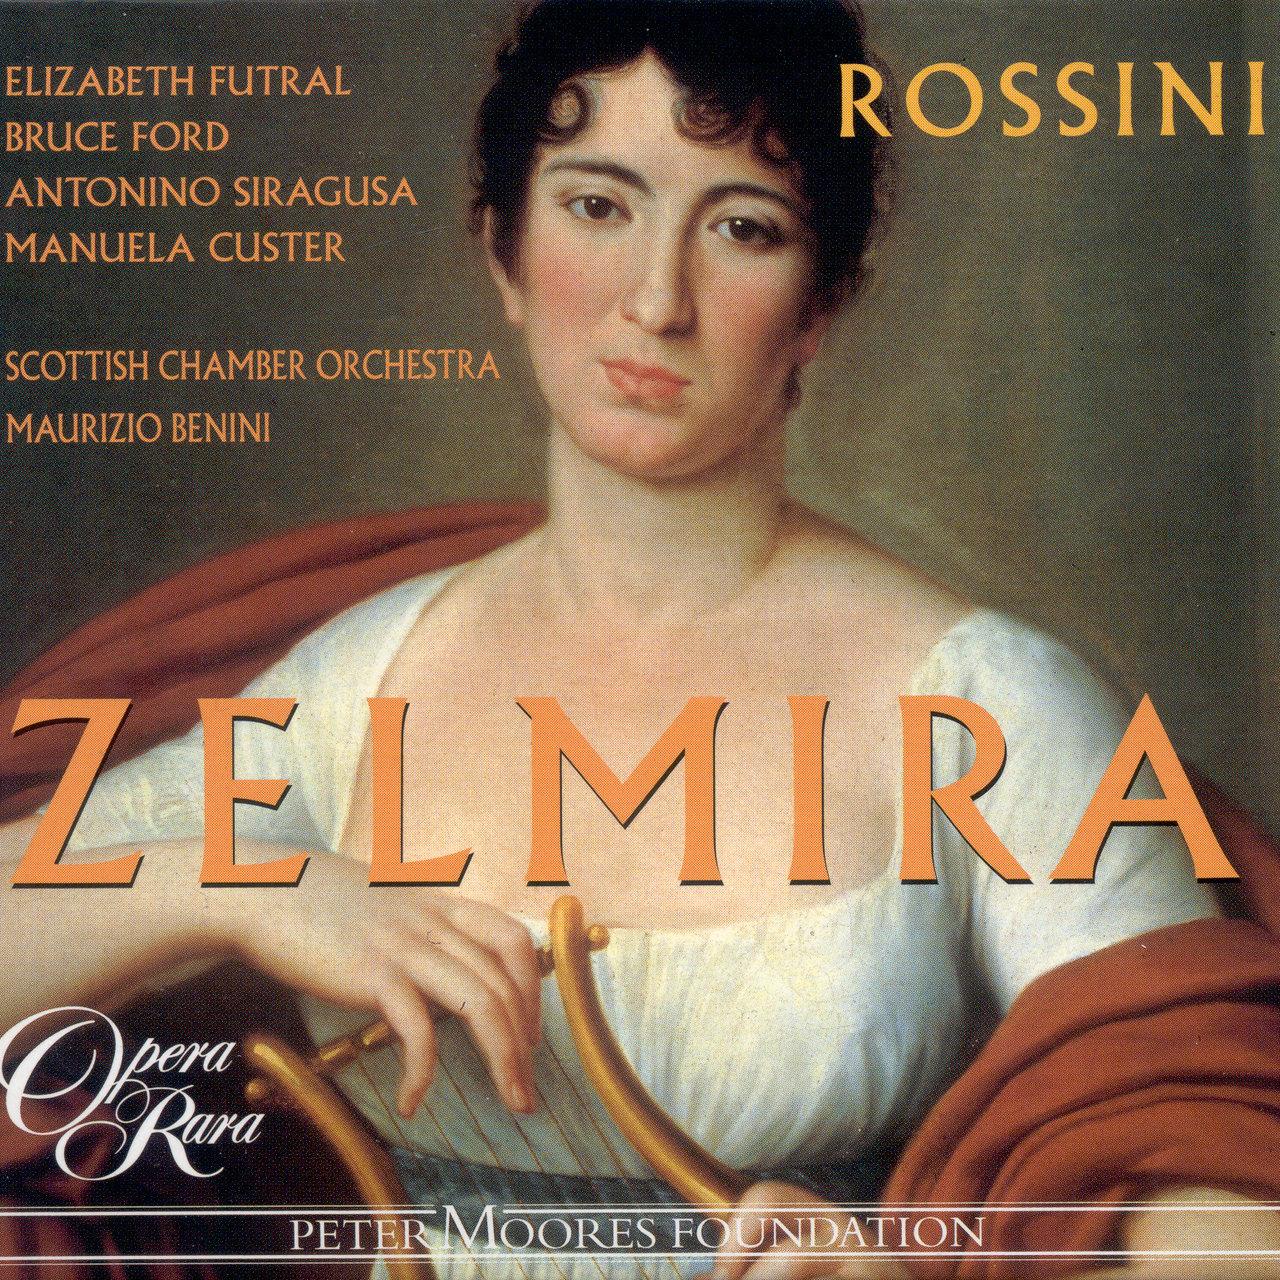 Opera Rara Zelmira